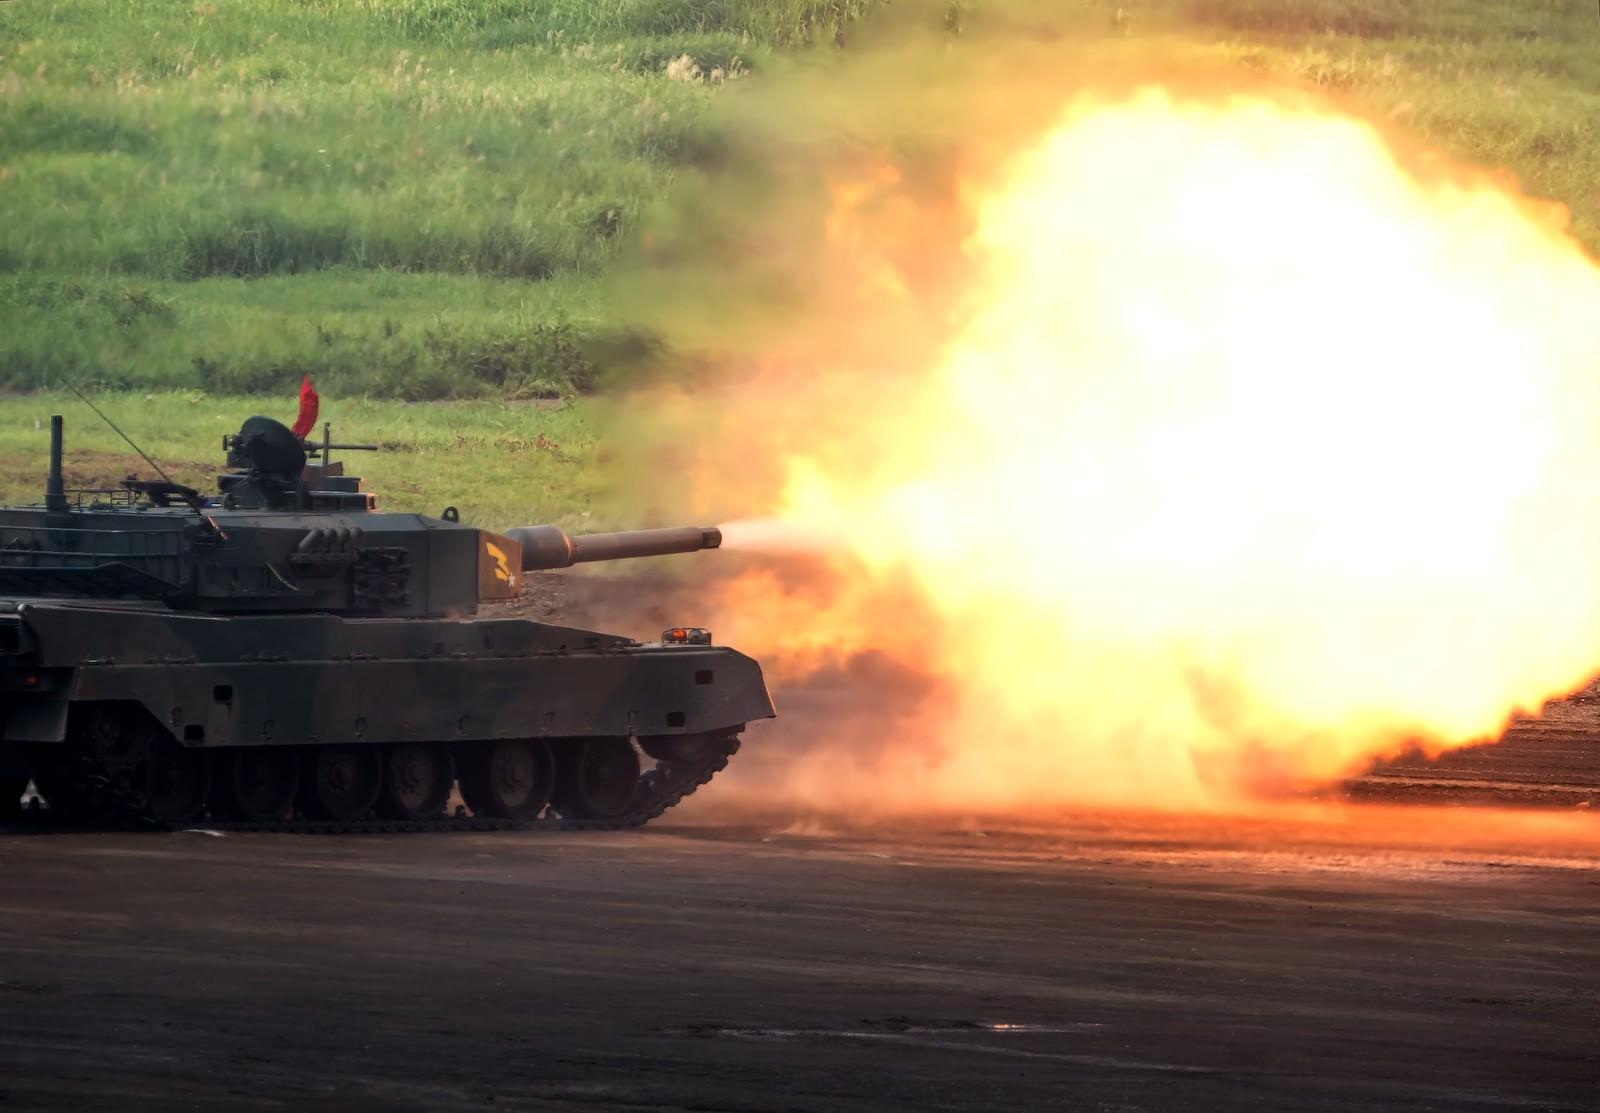 「90式戦車の発射炎90式戦車の発射炎」のフリー写真素材を拡大